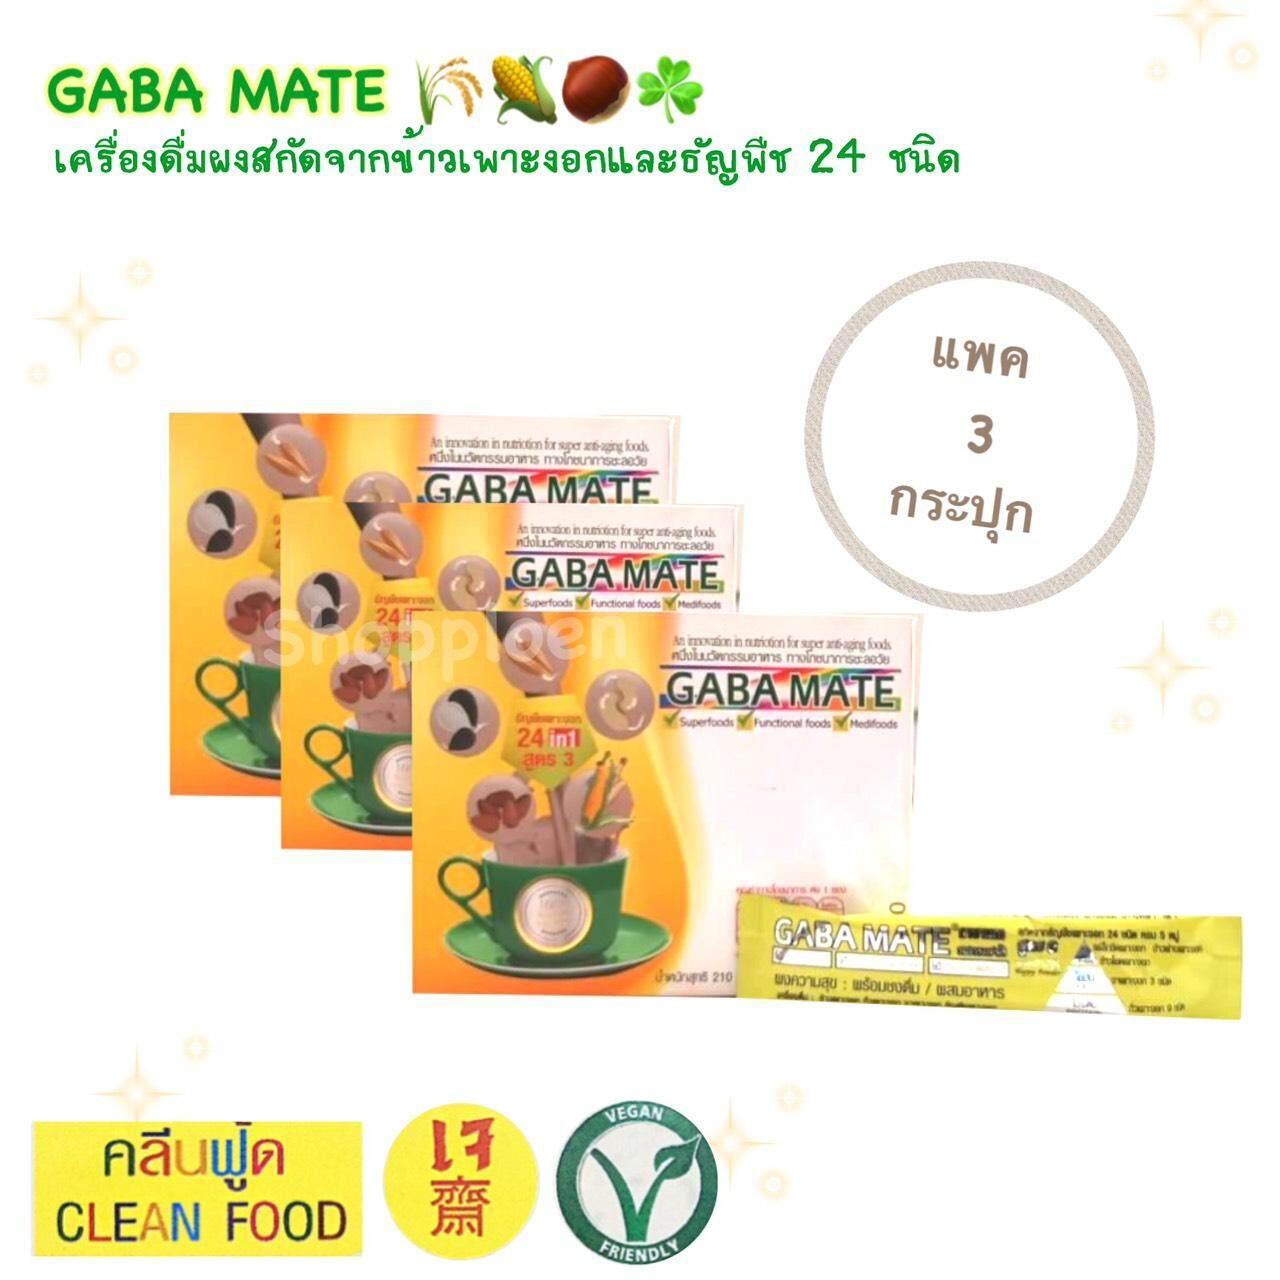 กาบา เเพค 3 กล่อง เครื่องดื่มผงสกัดจากข้าวเพาะงอกและธัญพืช 24 ชนิด (gabamate).